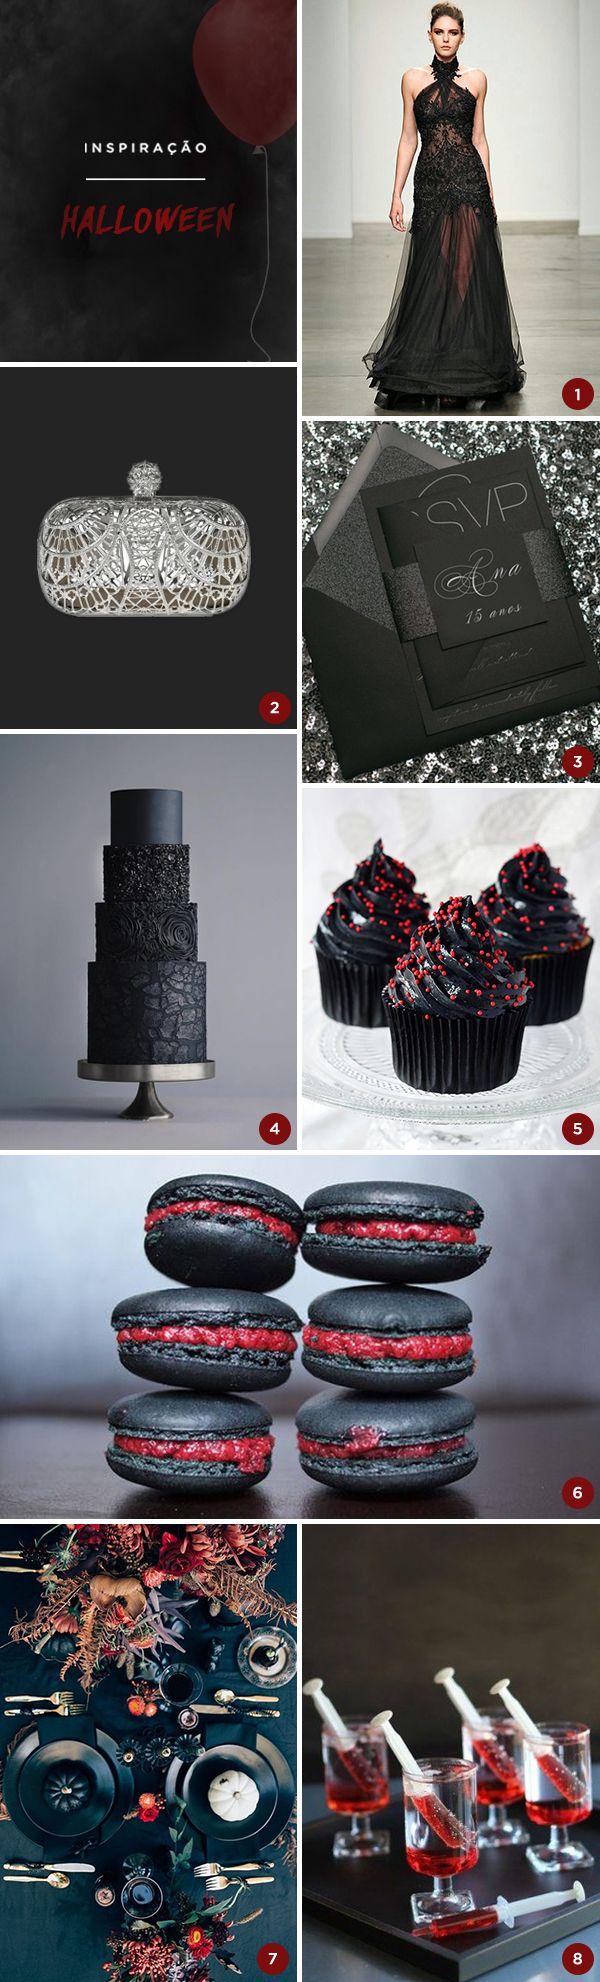 8 ideias para uma festa de 15 anos com tema Halloween - Moodboard de festa temática - Constance Zahn | 15 anos